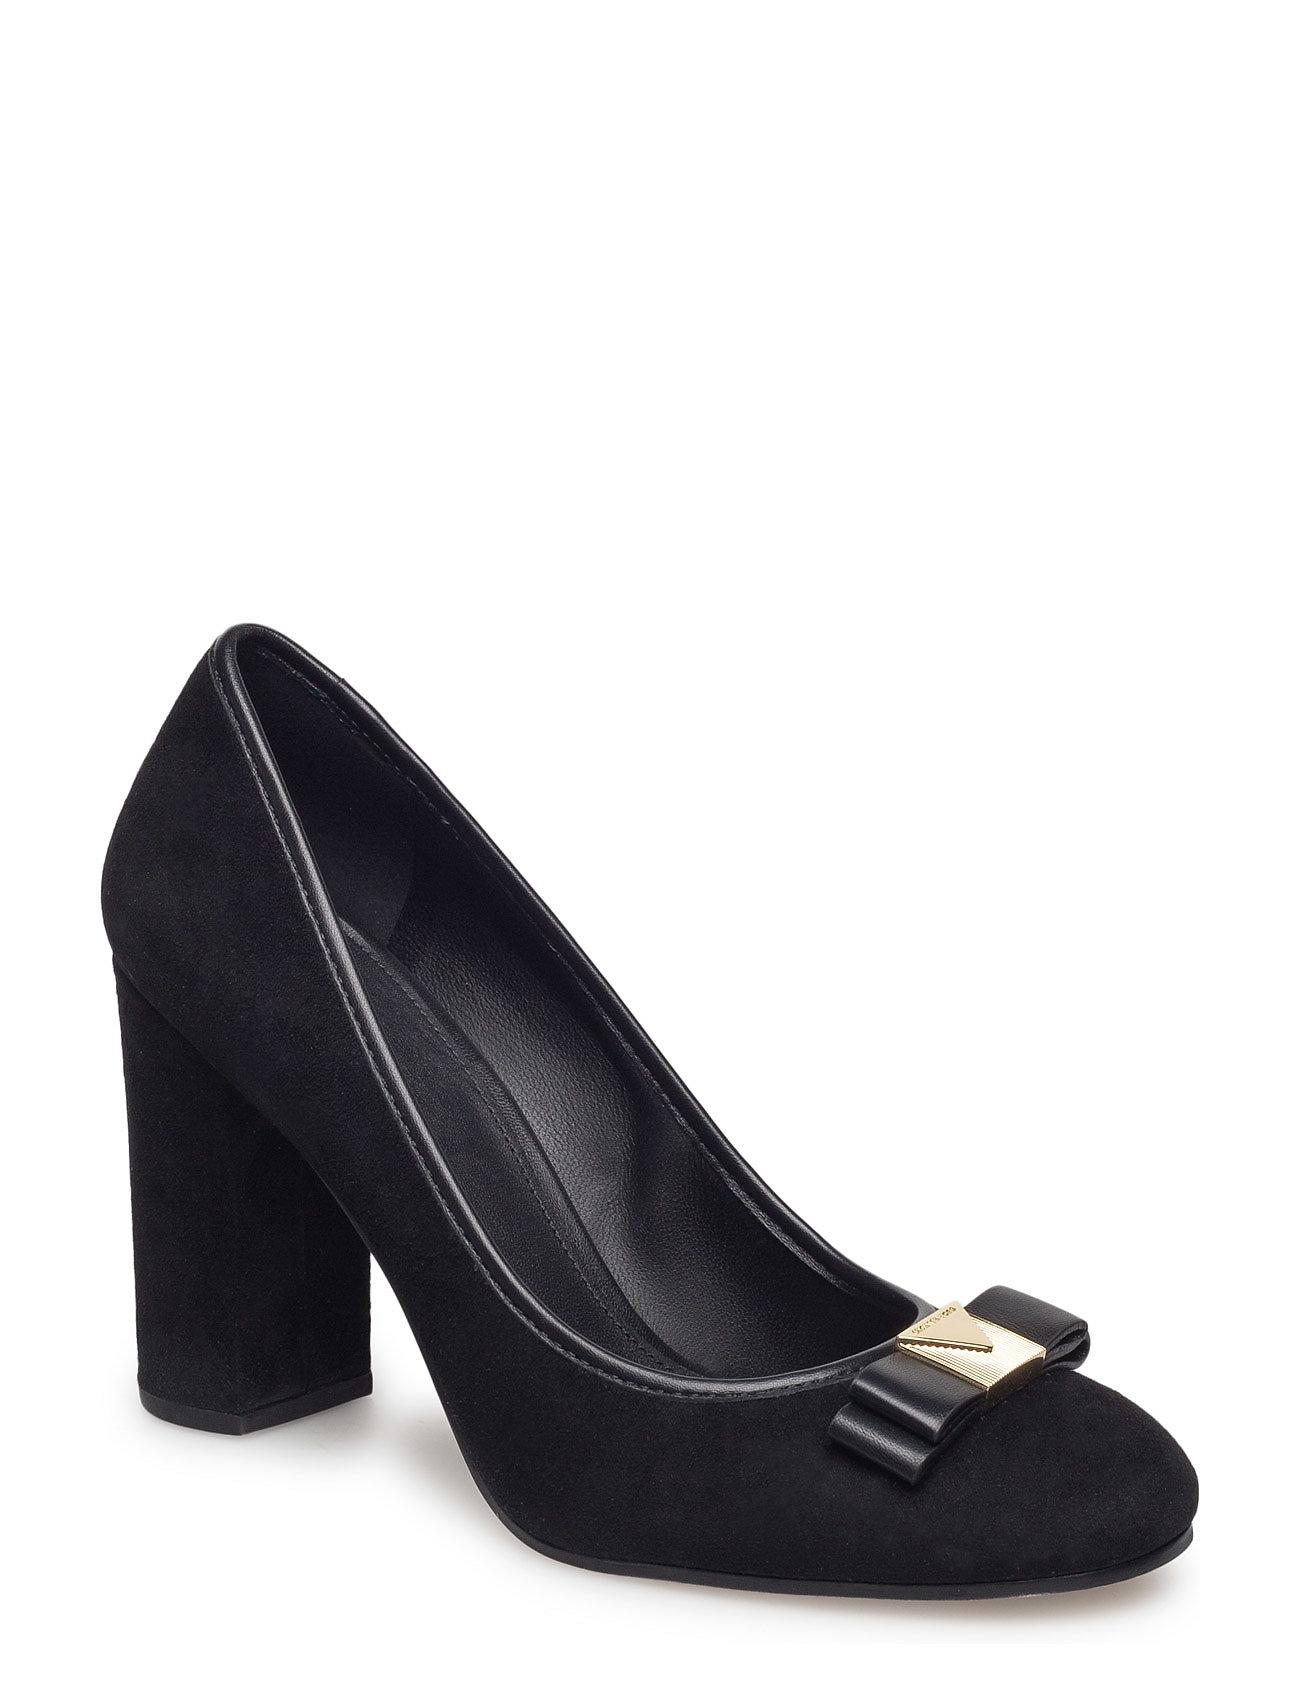 0fd9aa594156 Køb Caroline Pump Michael Kors Shoes Stiletter i Sort til Damer hos Boozt.dk